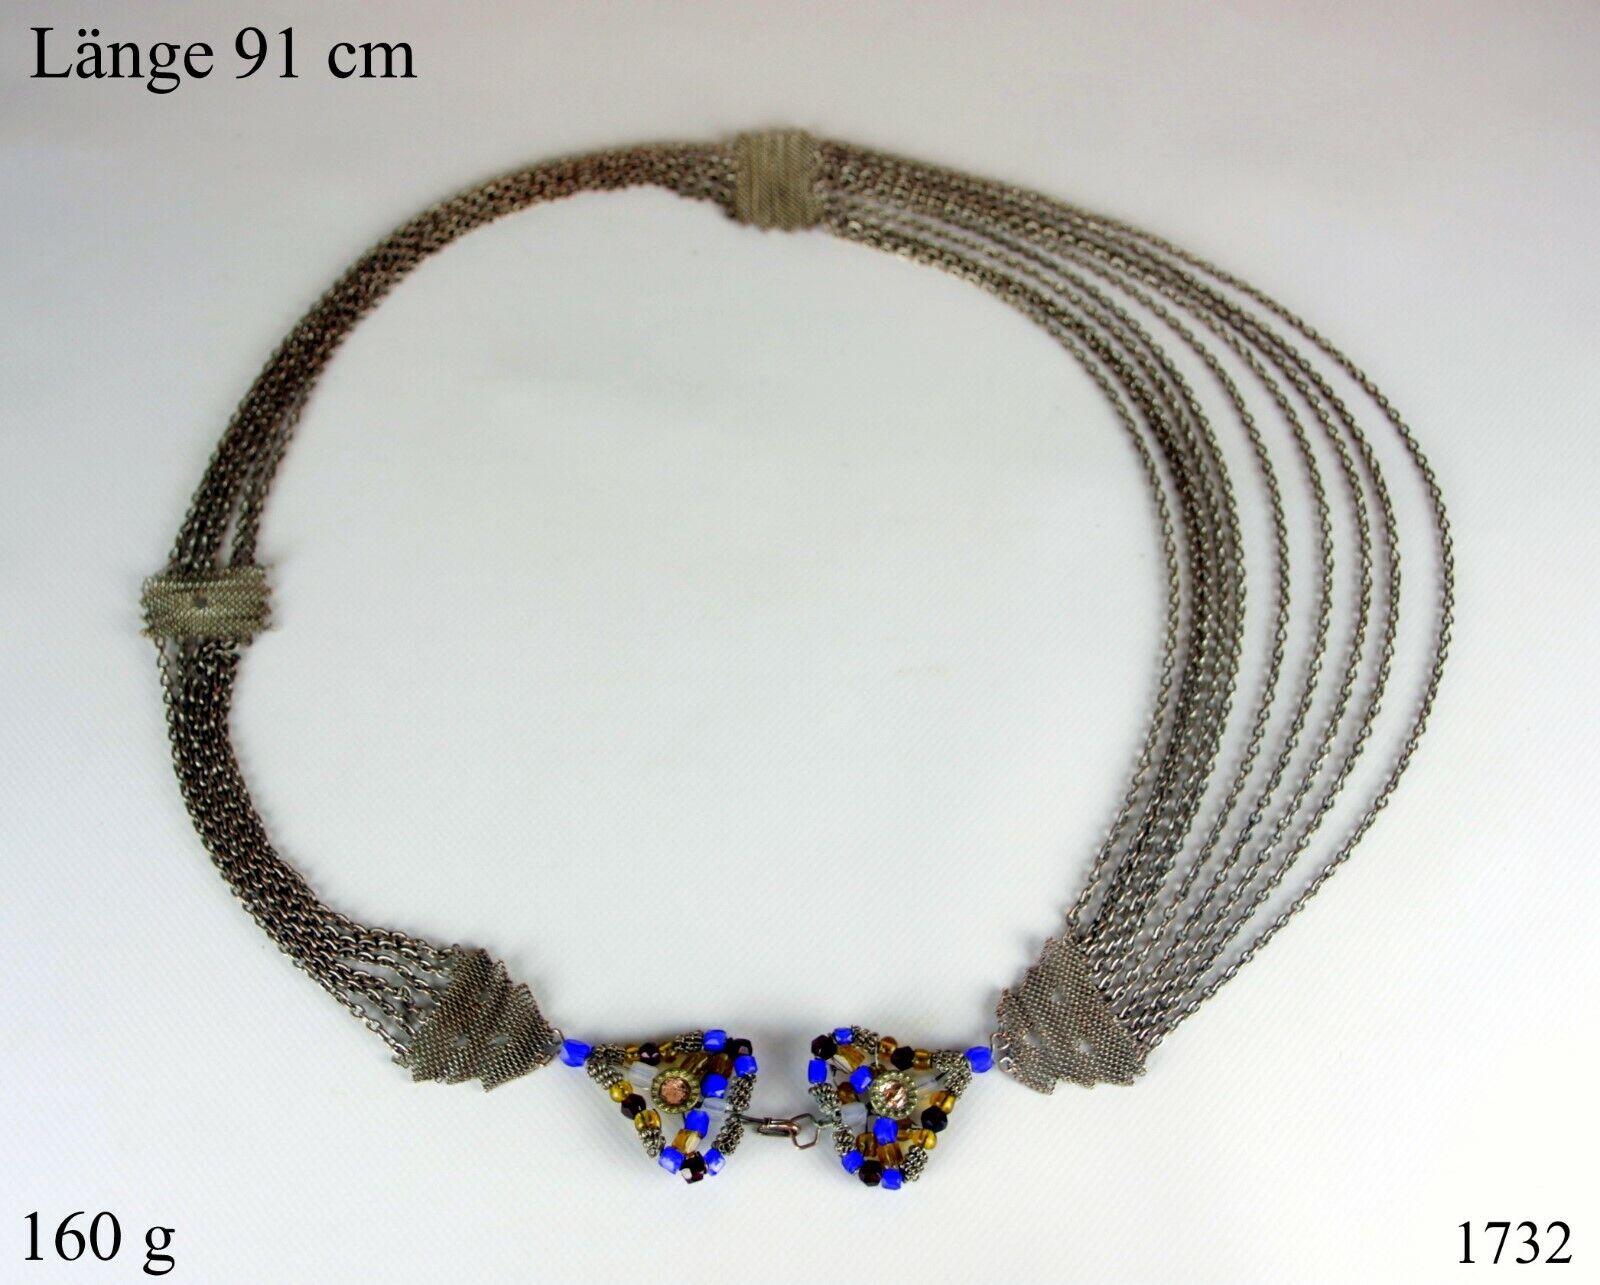 Hüftkette Hüftgürtel für orientalischen orientalischen orientalischen Tanz Bauchtanz Messing Versilbert 449035